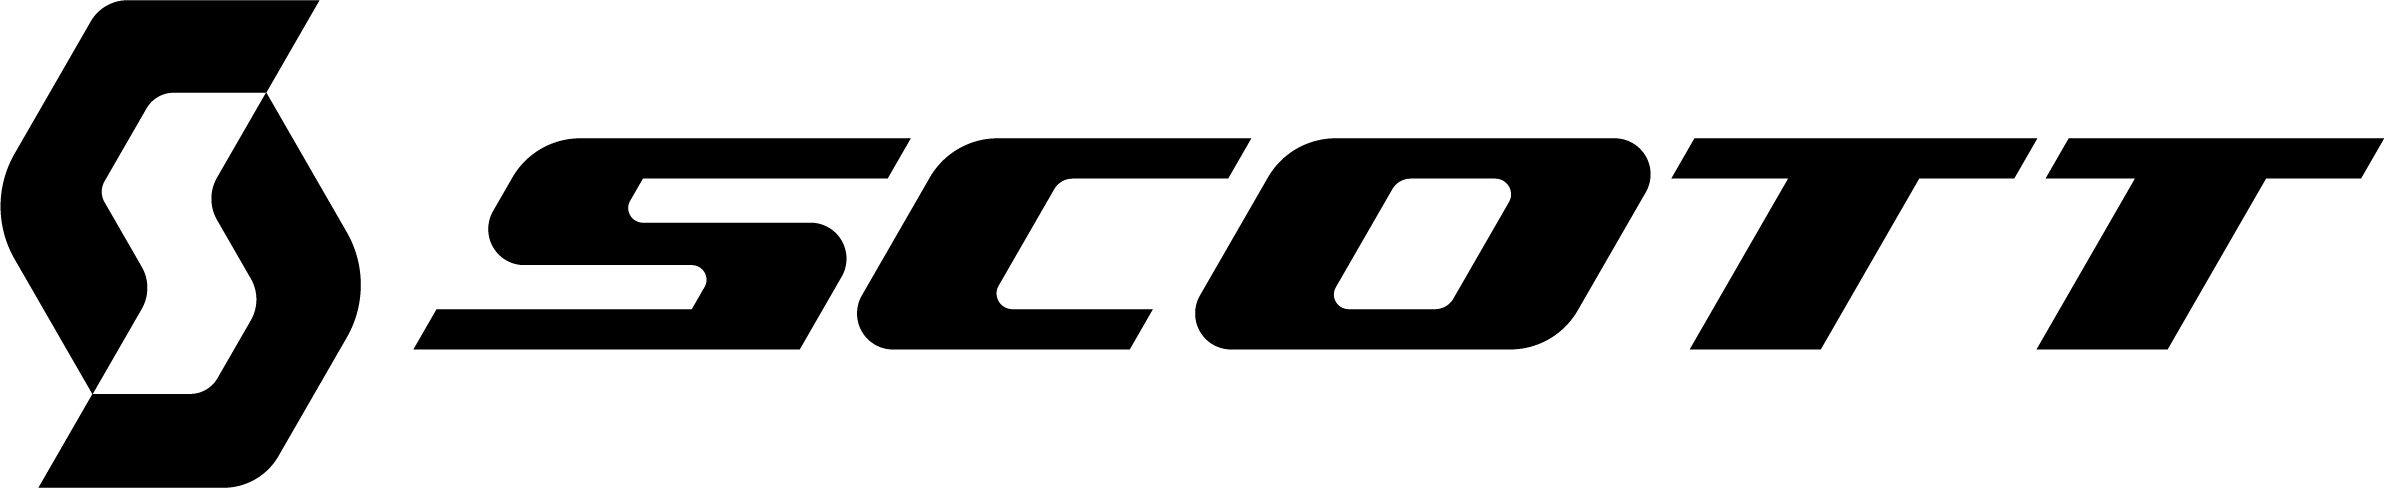 logo scott nero rgb-01